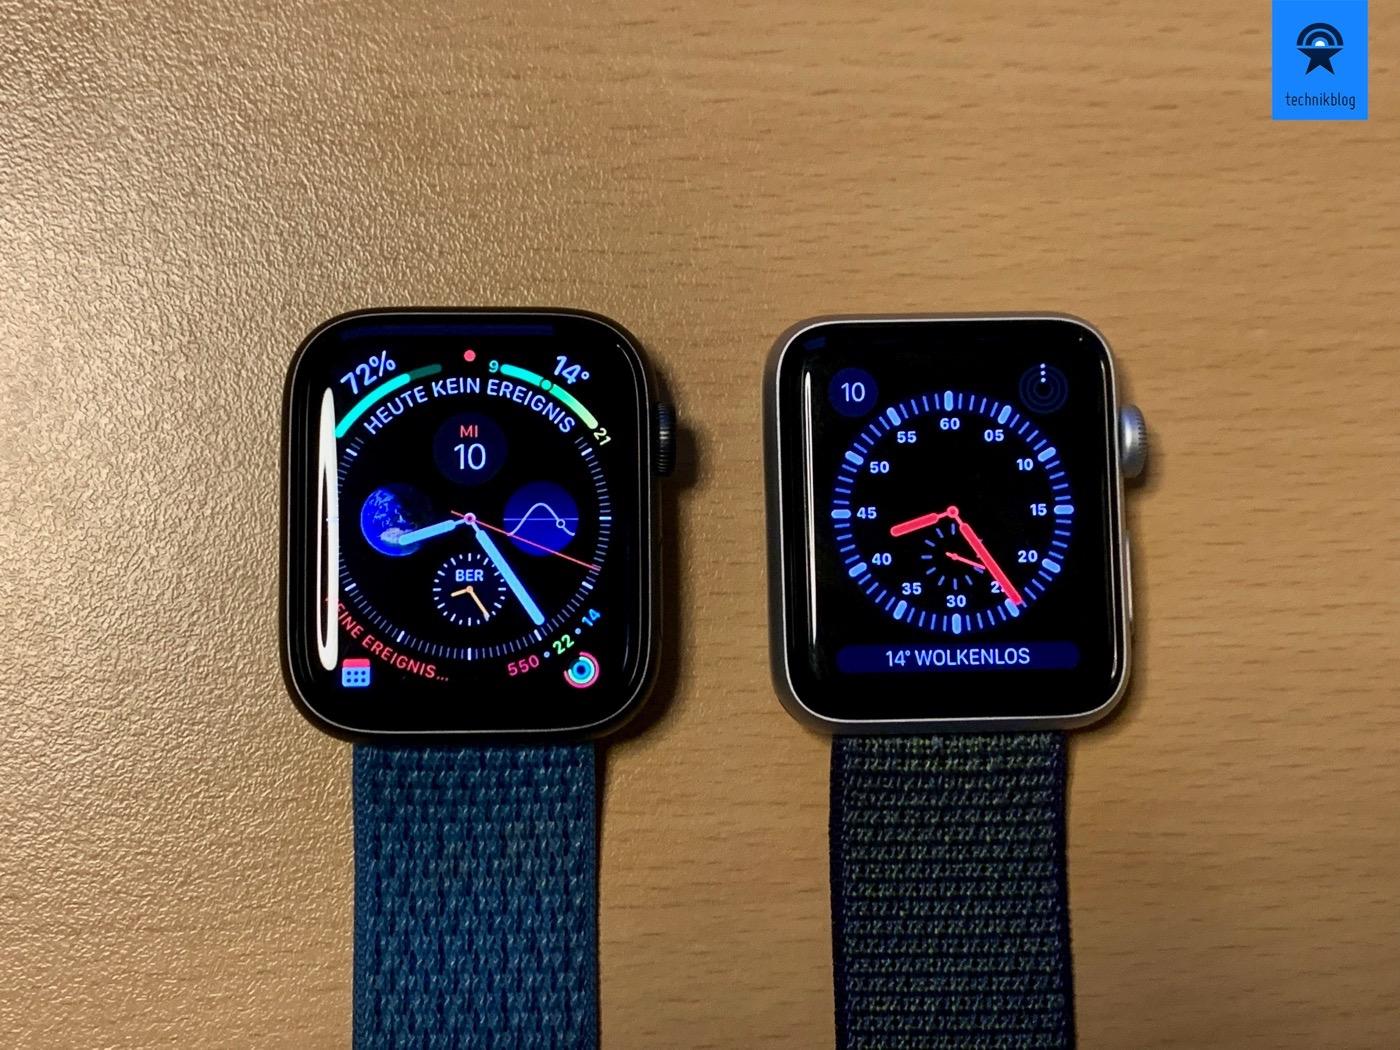 Links: Apple Watch S4, Rechts: Apple Watch S3